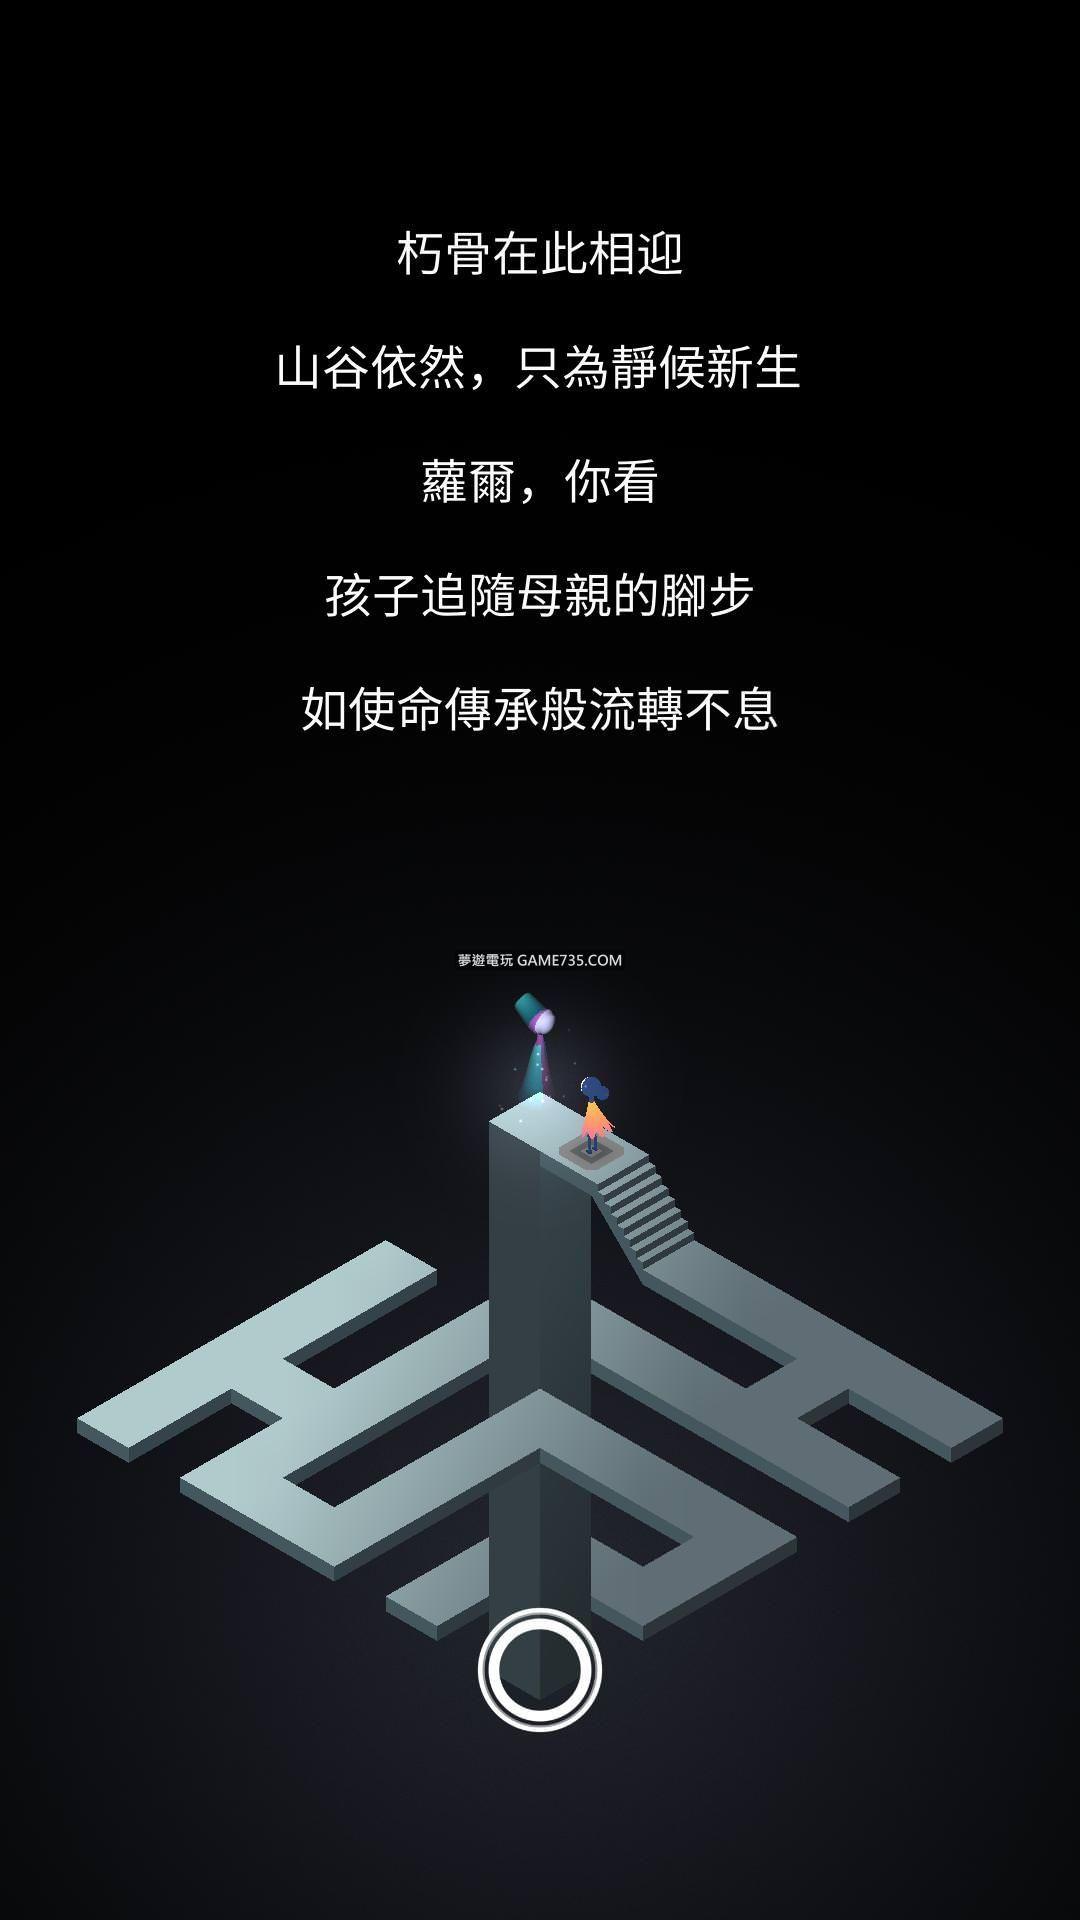 紀念碑谷2 v1.2.9 繁體中文修改版 完美解鎖全篇章免費